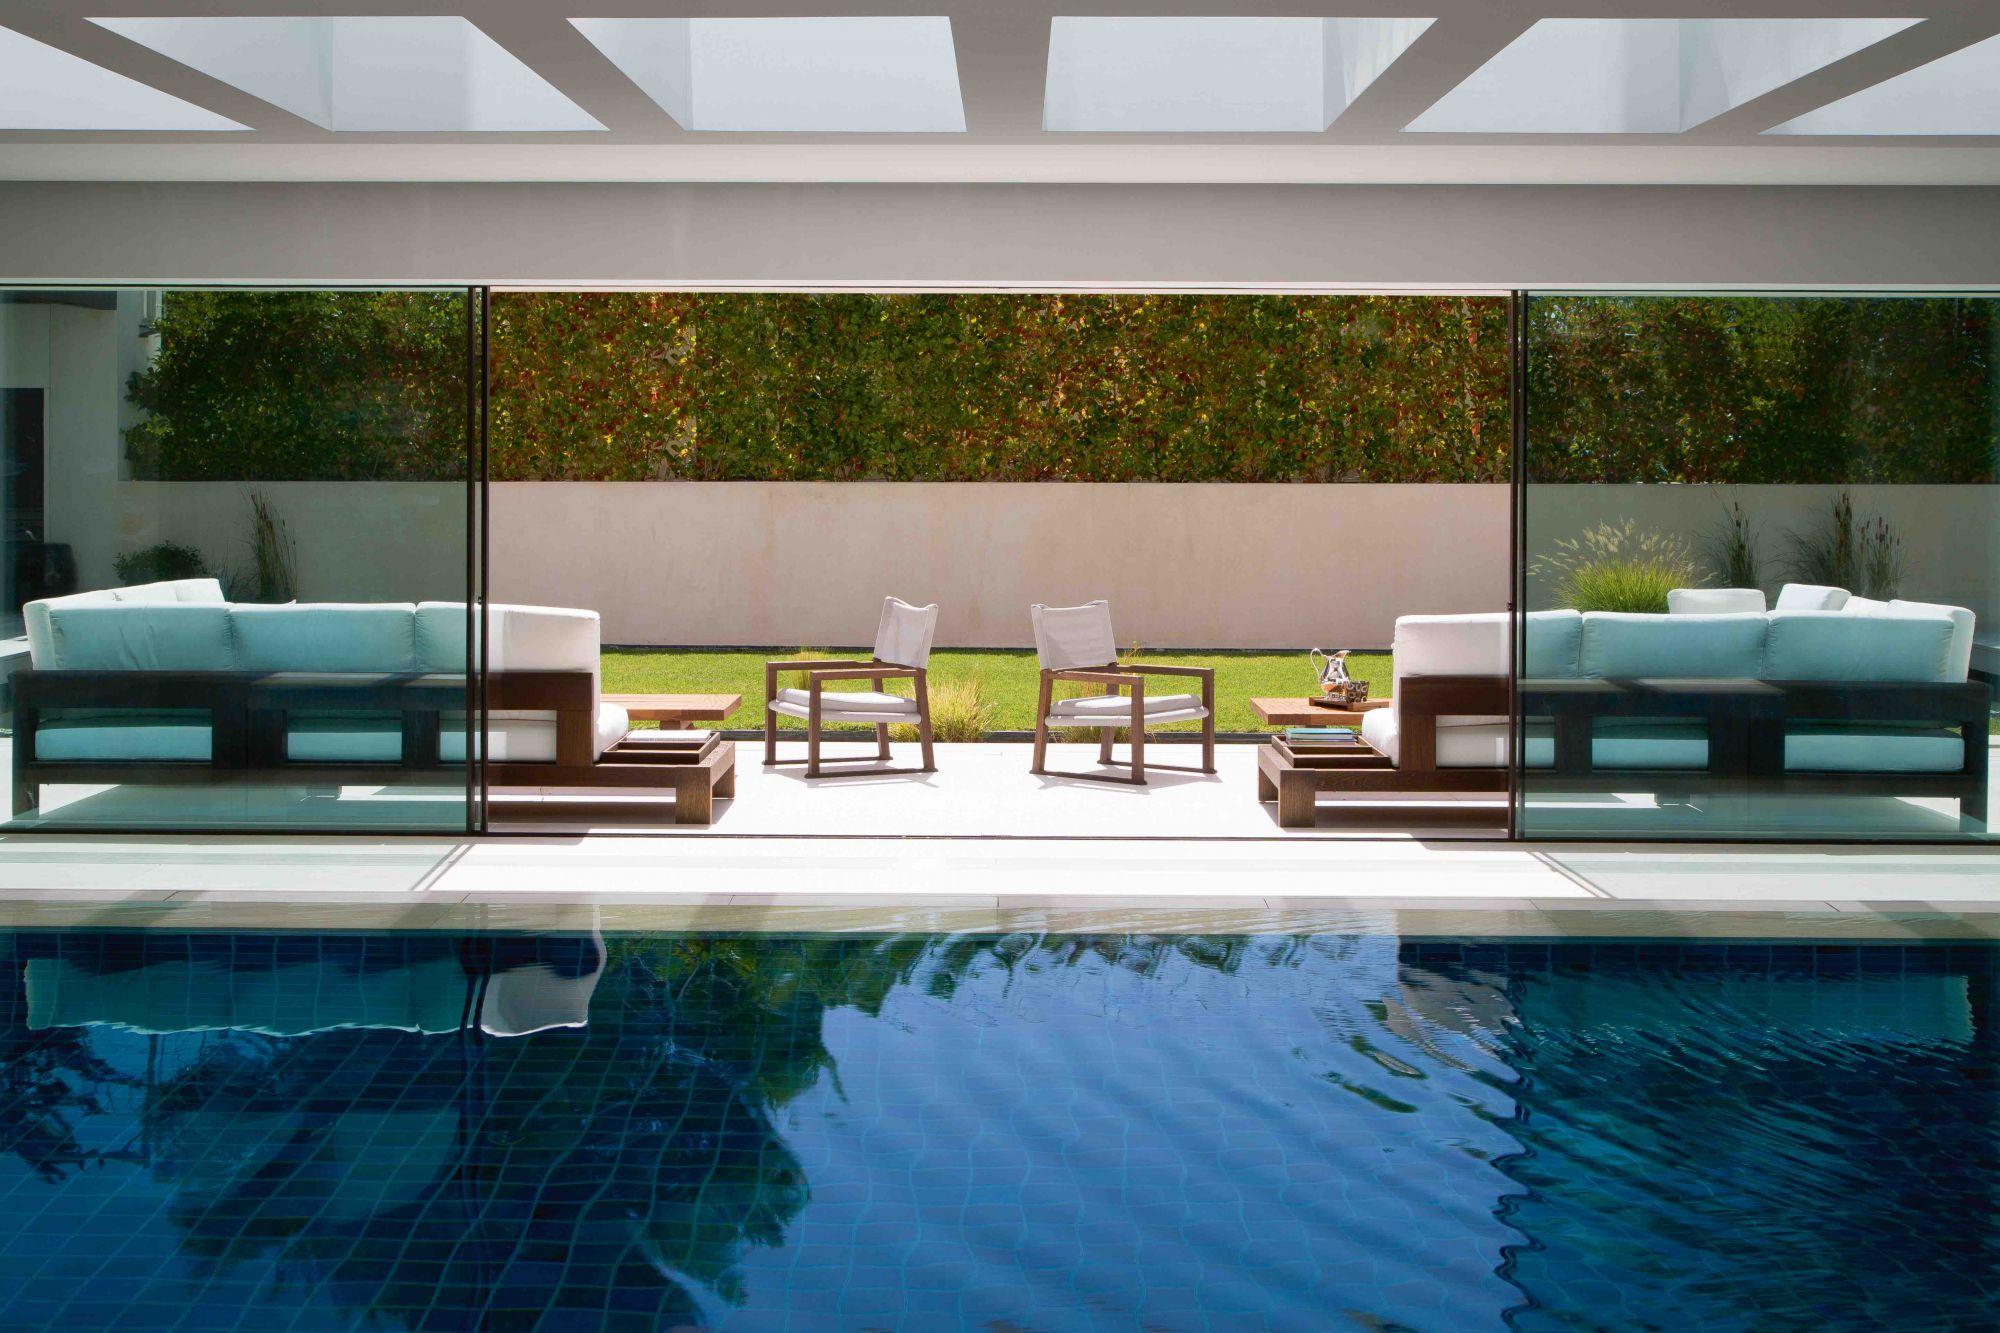 Η εσωτερική πισίνα μοιάζει με ένα συμμετρικό ζευγάρι καναπέδες και πολυθρόνες μπροστά από το γκαζόν